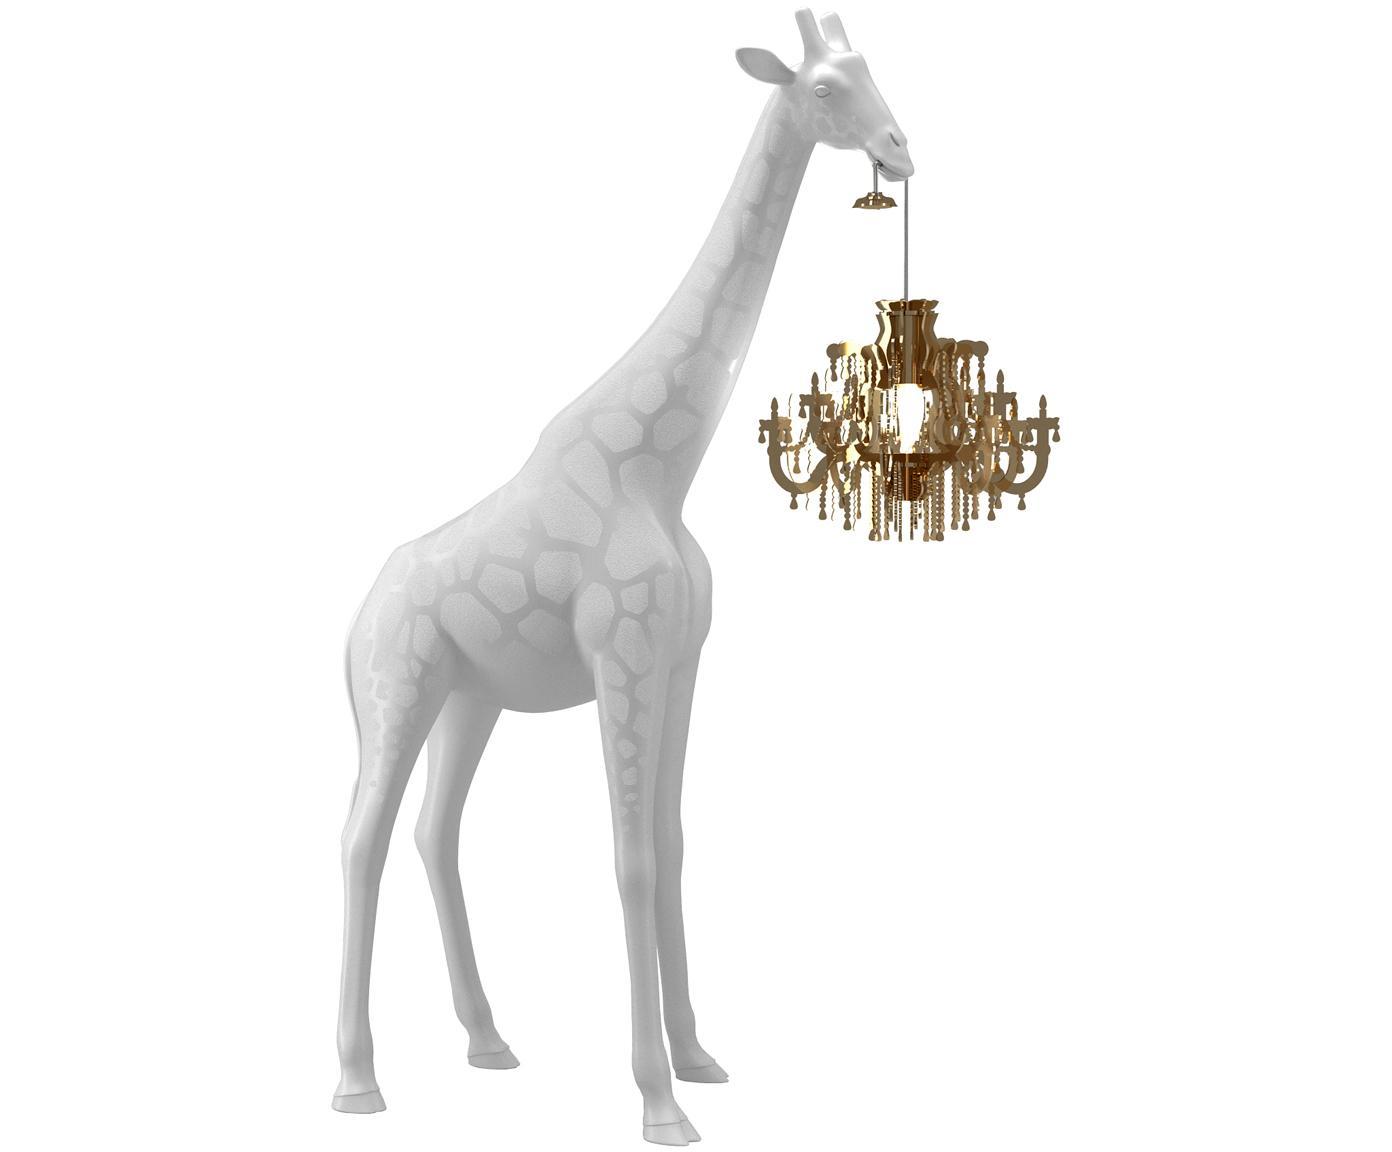 Design-Bodenleuchte Giraffe in Love, Weiß, Goldfarben, 60 x 100 cm